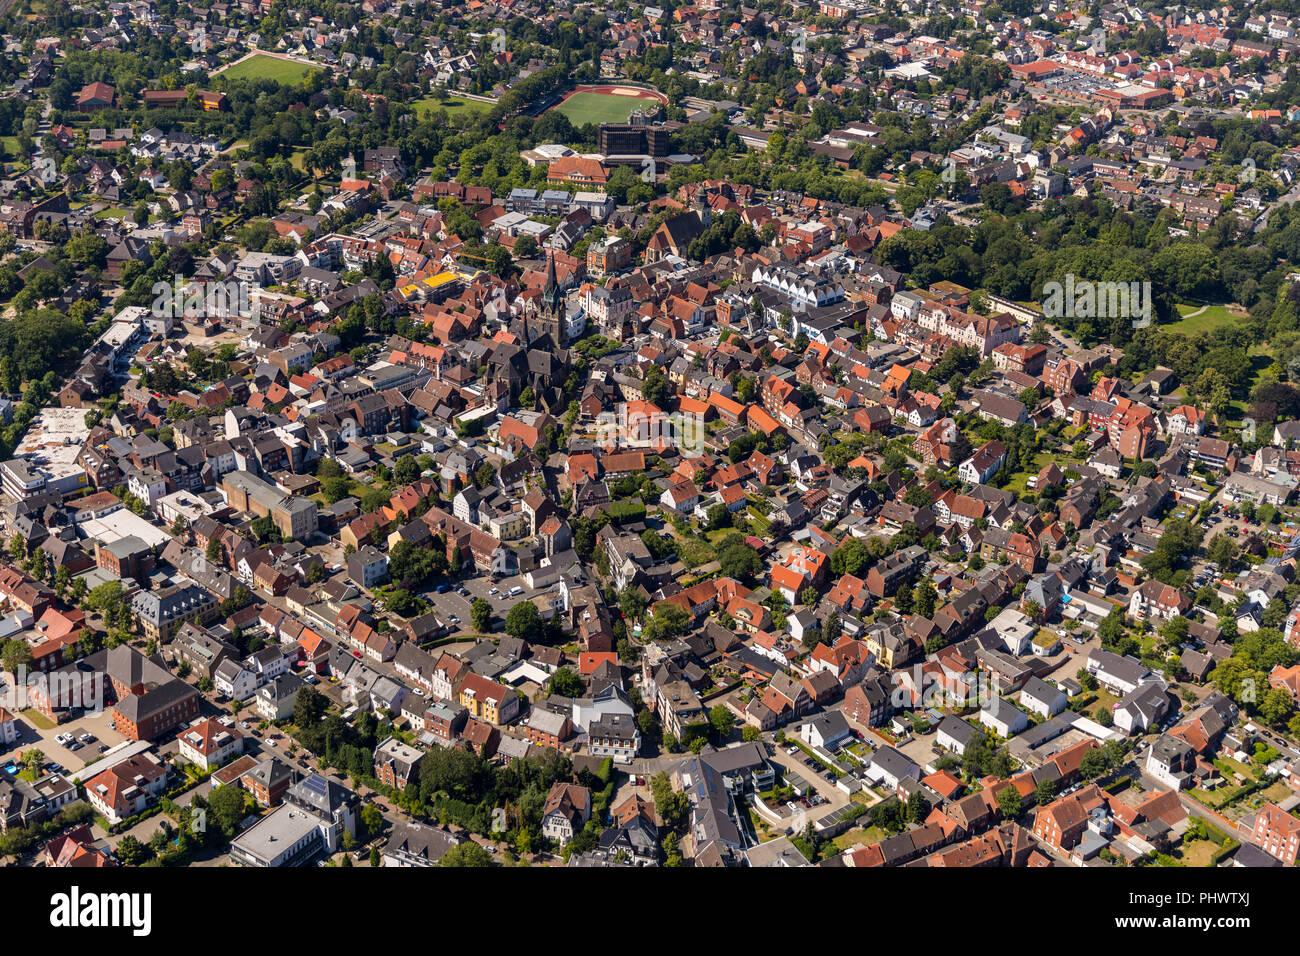 , Stadtmitte von Ahlen mit St.-Marien-Kirche, Ahlen, Ruhrgebiet, Nordrhein-Westfalen, Deutschland, DEU, Europa, Luftbild, birds-eyes view, Luftaufnahm - Stock Image